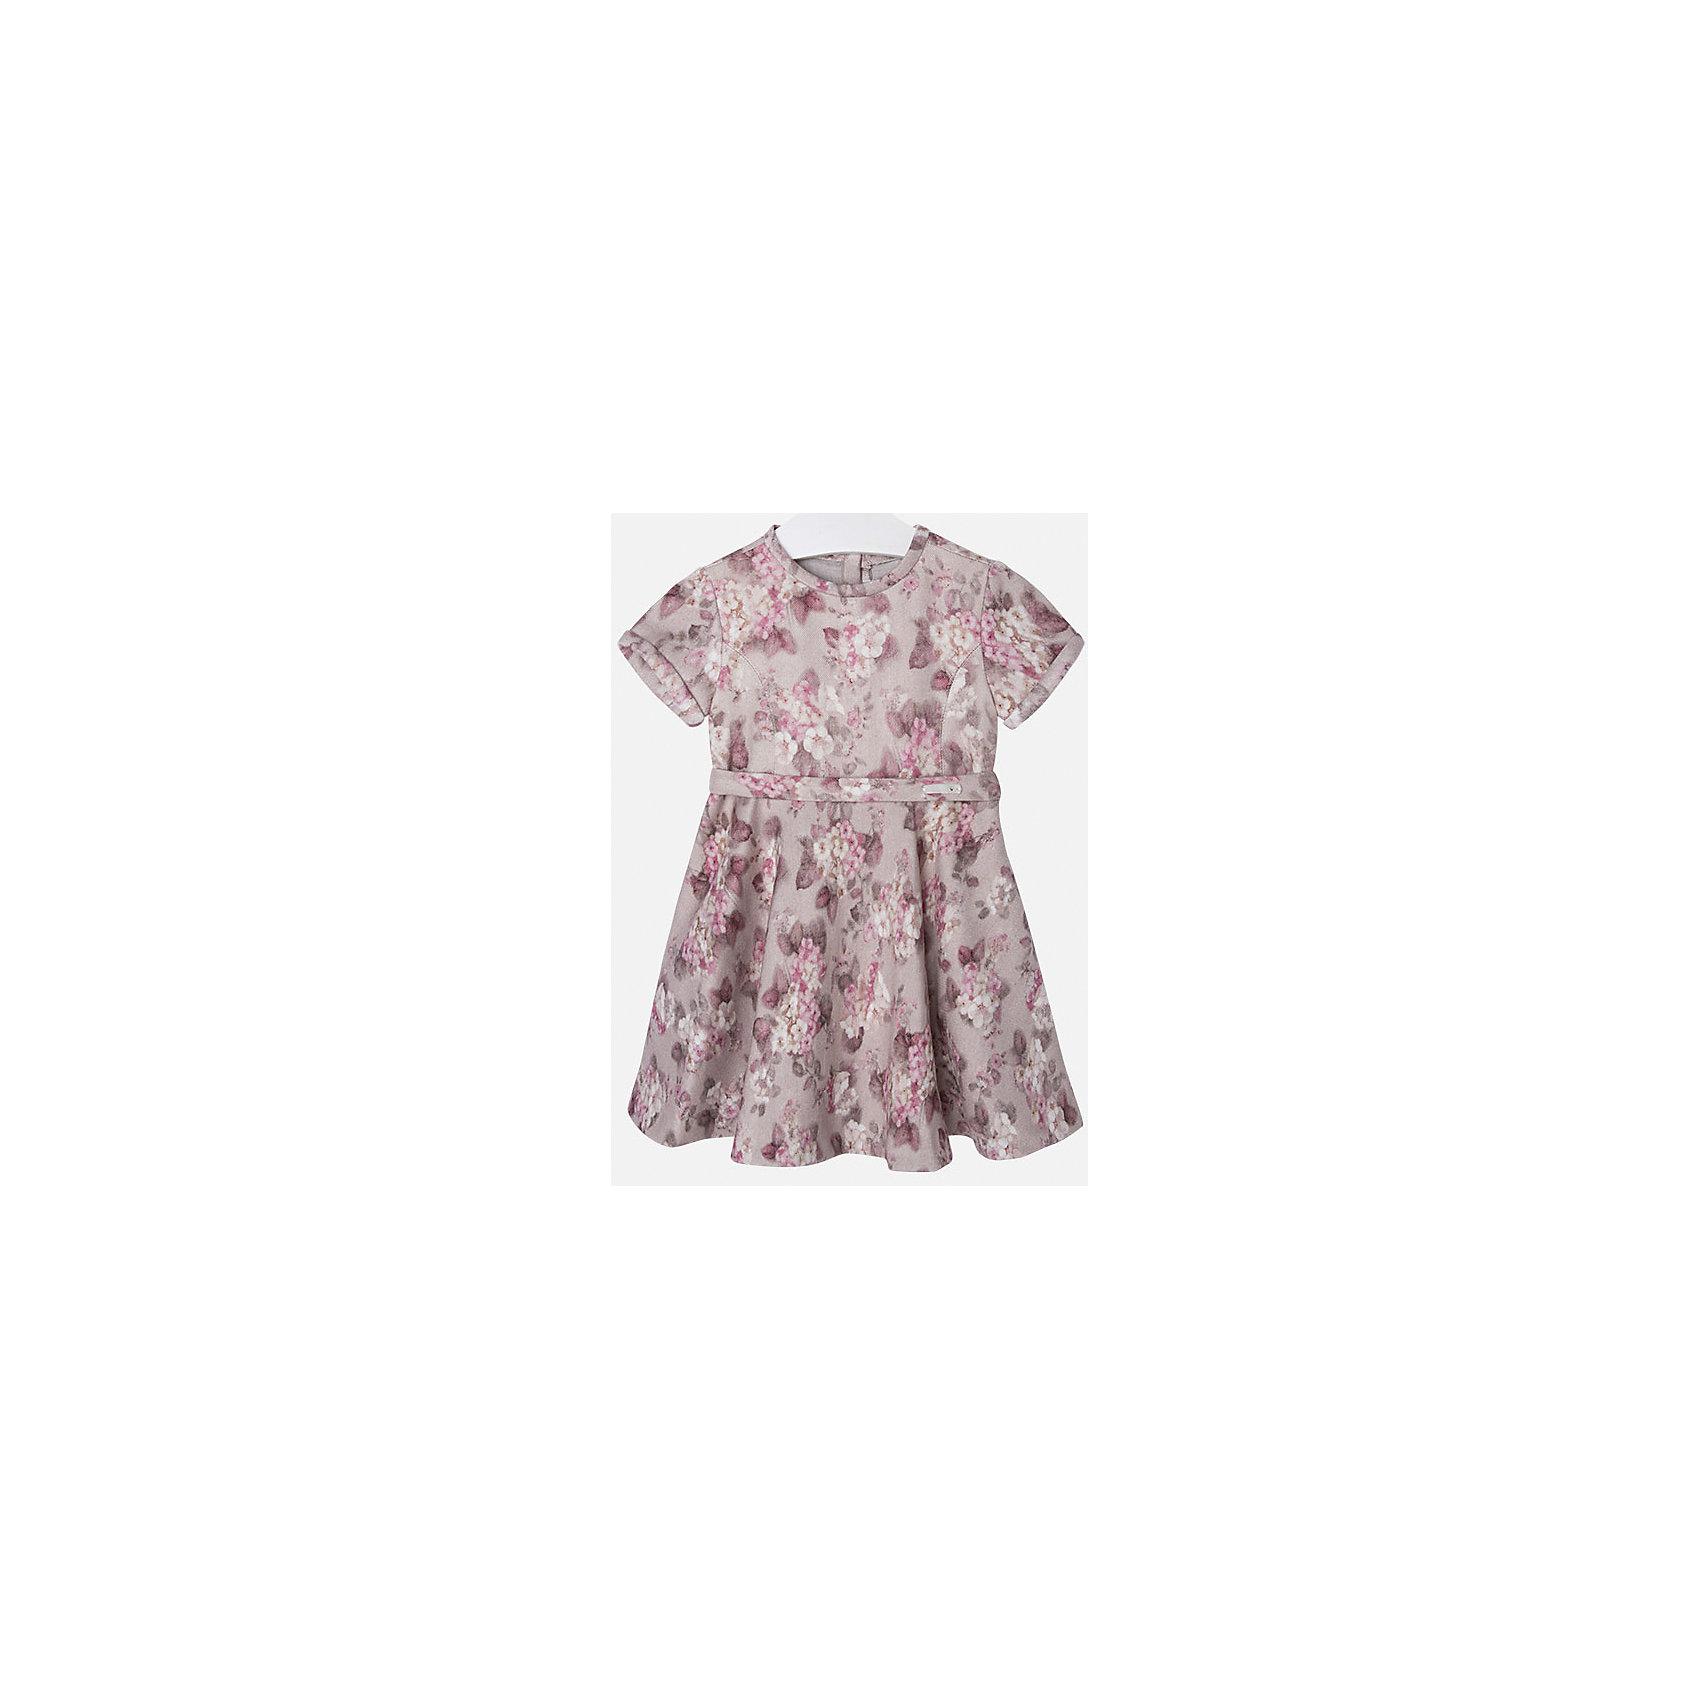 Платье для девочки MayoralОдежда<br>Нарядное платье торговой марки Mayoral в цветочек отлично подойдет для любого торжества. Выполнено из мягкой ткани, приятной на ощупь. Платье с коротким рукавом, пышной юбкой и приталенным пояском. Сзади застегивается на молнию.<br><br>Дополнительная информация: <br><br>- цвет: темно-серый<br>- состав: 68 % вискоза, 30 % полиэстер, 2 % эластана<br>- вырез горловины: округлый<br>- длина рукава: короткий<br>- вид застежки:  застежка сзади<br>- покрой: прямой<br>- фактура материала: трикотажный<br>- тип карманов: без карманов<br>- уход за вещами: бережная стирка при 30 градусах<br>- назначение: повседневная<br>- конструктивные элементы: без разреза<br>- пол: девочки<br>- страна бренда: Испания<br>- страна производитель: Китай<br>- комплектация: платье<br><br>Платье для девочки торговой марки Mayoral можно купить в нашем интернет-магазине.<br><br>Ширина мм: 236<br>Глубина мм: 16<br>Высота мм: 184<br>Вес г: 177<br>Цвет: серый<br>Возраст от месяцев: 48<br>Возраст до месяцев: 60<br>Пол: Женский<br>Возраст: Детский<br>Размер: 110,134,98,122,116,128,104<br>SKU: 4844485